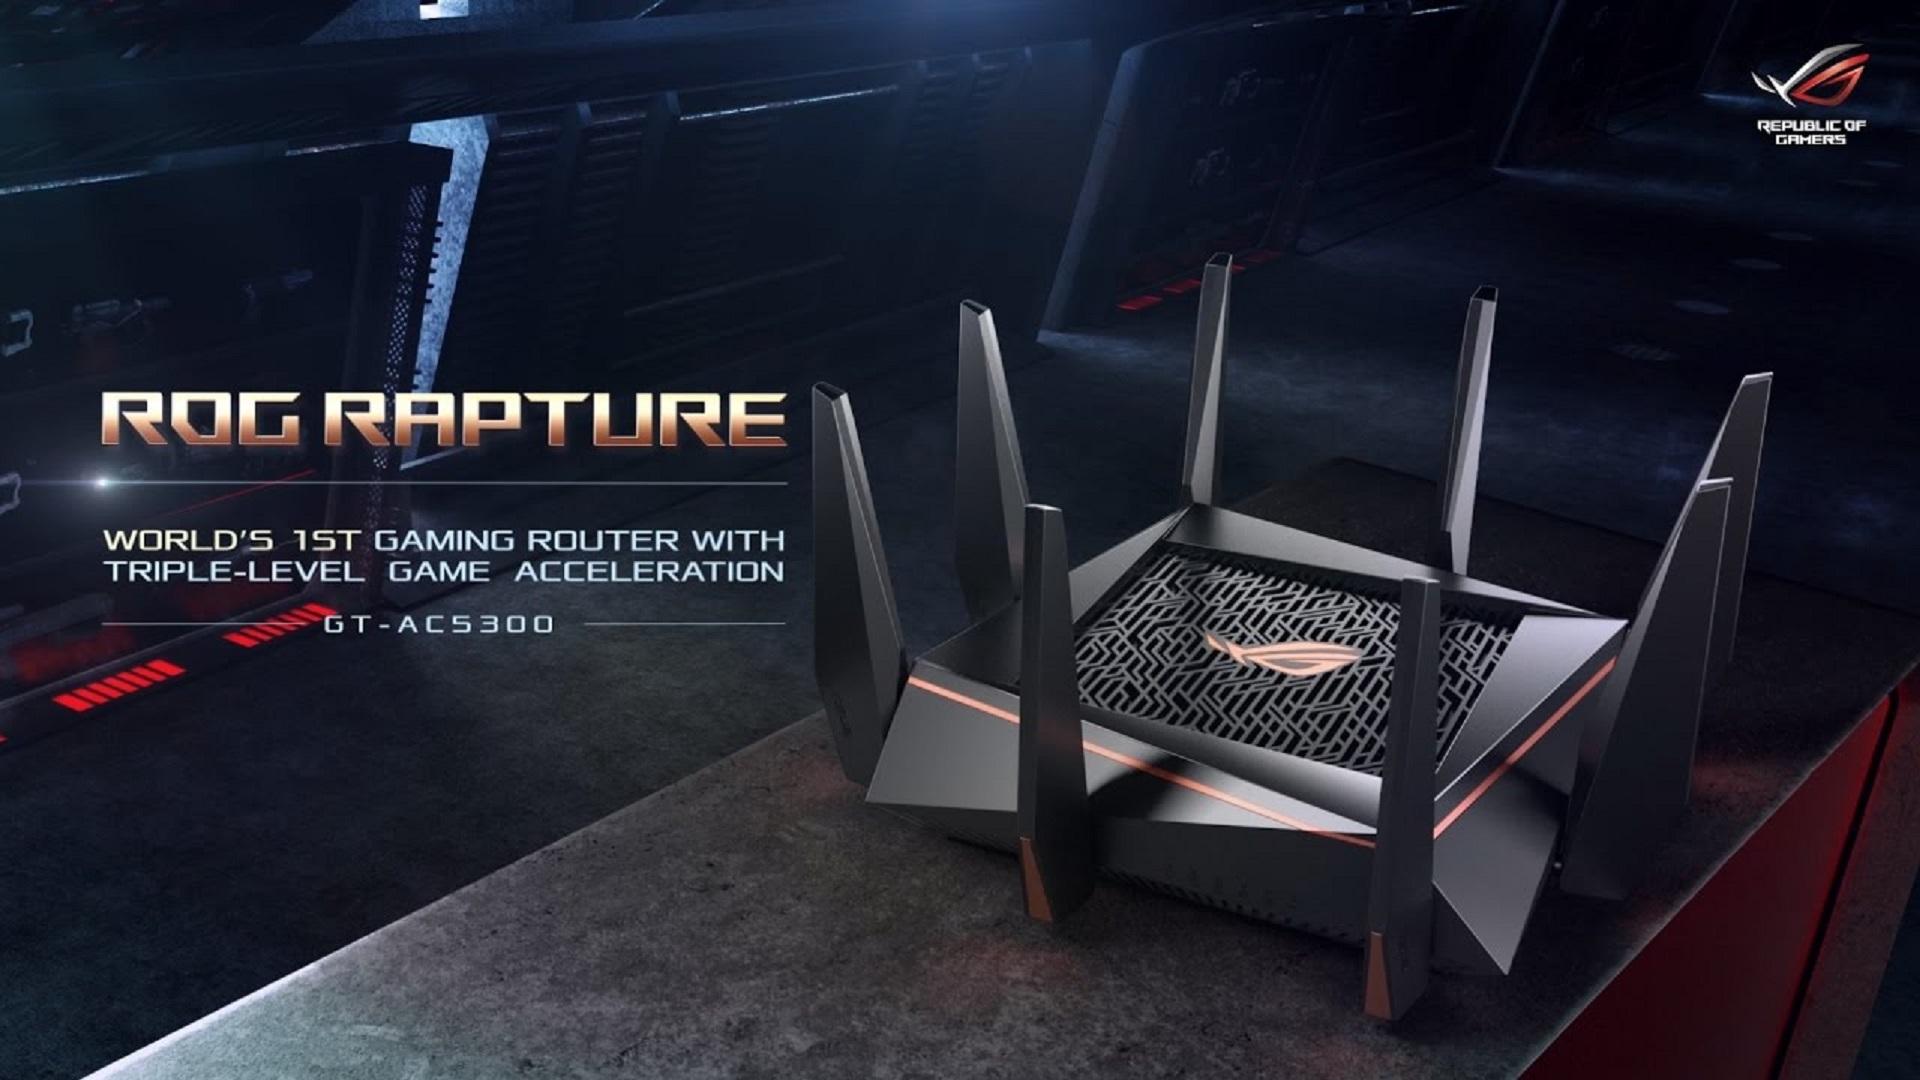 ASUS Republic of Gamers chính thức ra mắt bộ định tuyến Rapture GT-AC5300